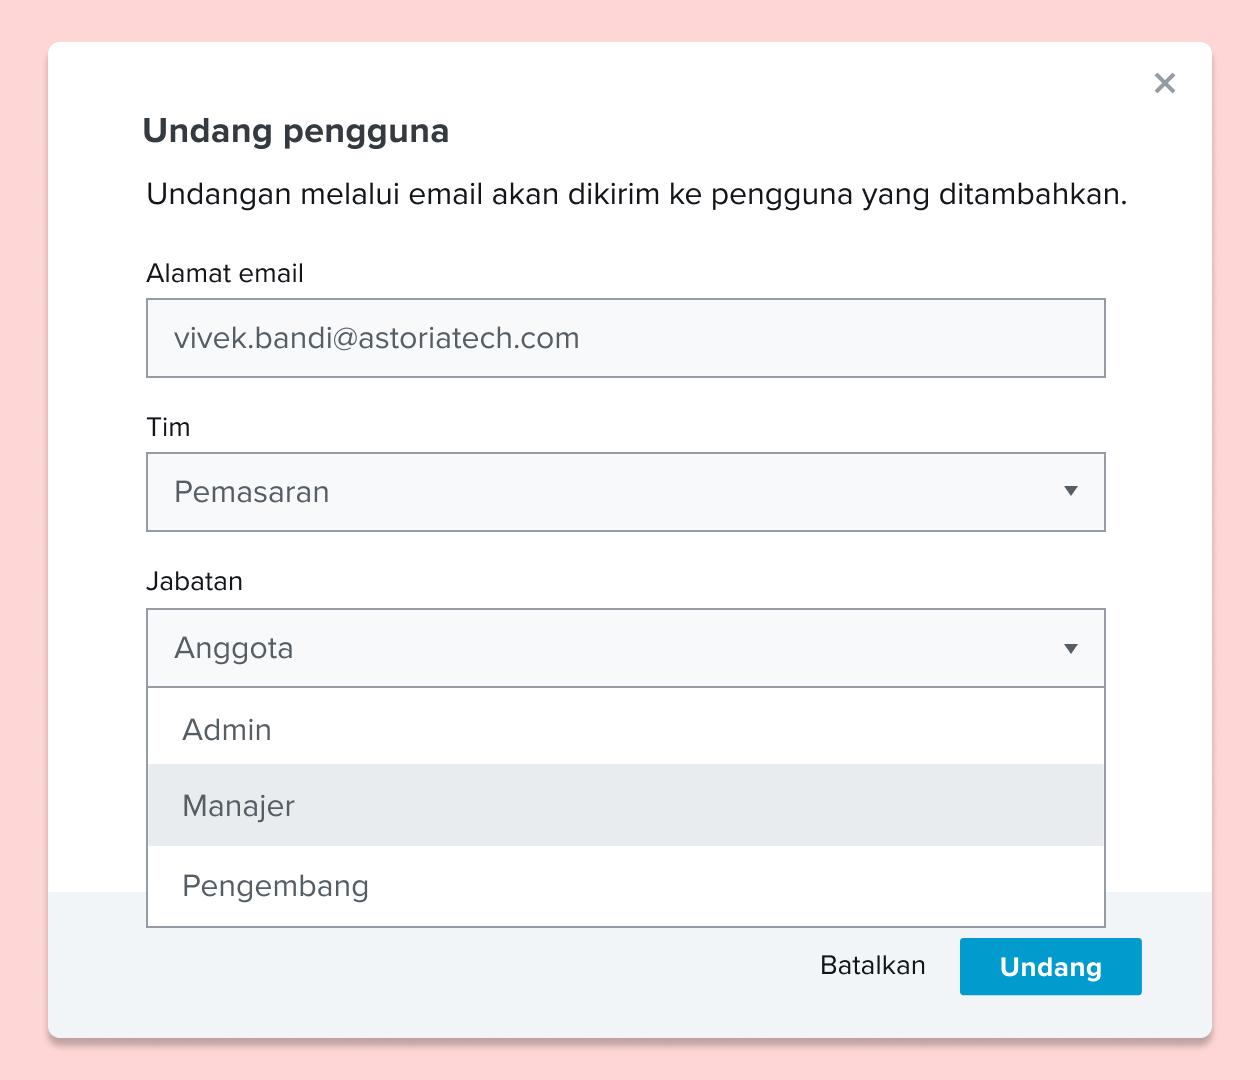 Tangkapan layar ketika mengundang pengguna ke sebuah dokumen HelloSign, dan menugaskan suatu peran kepada mereka